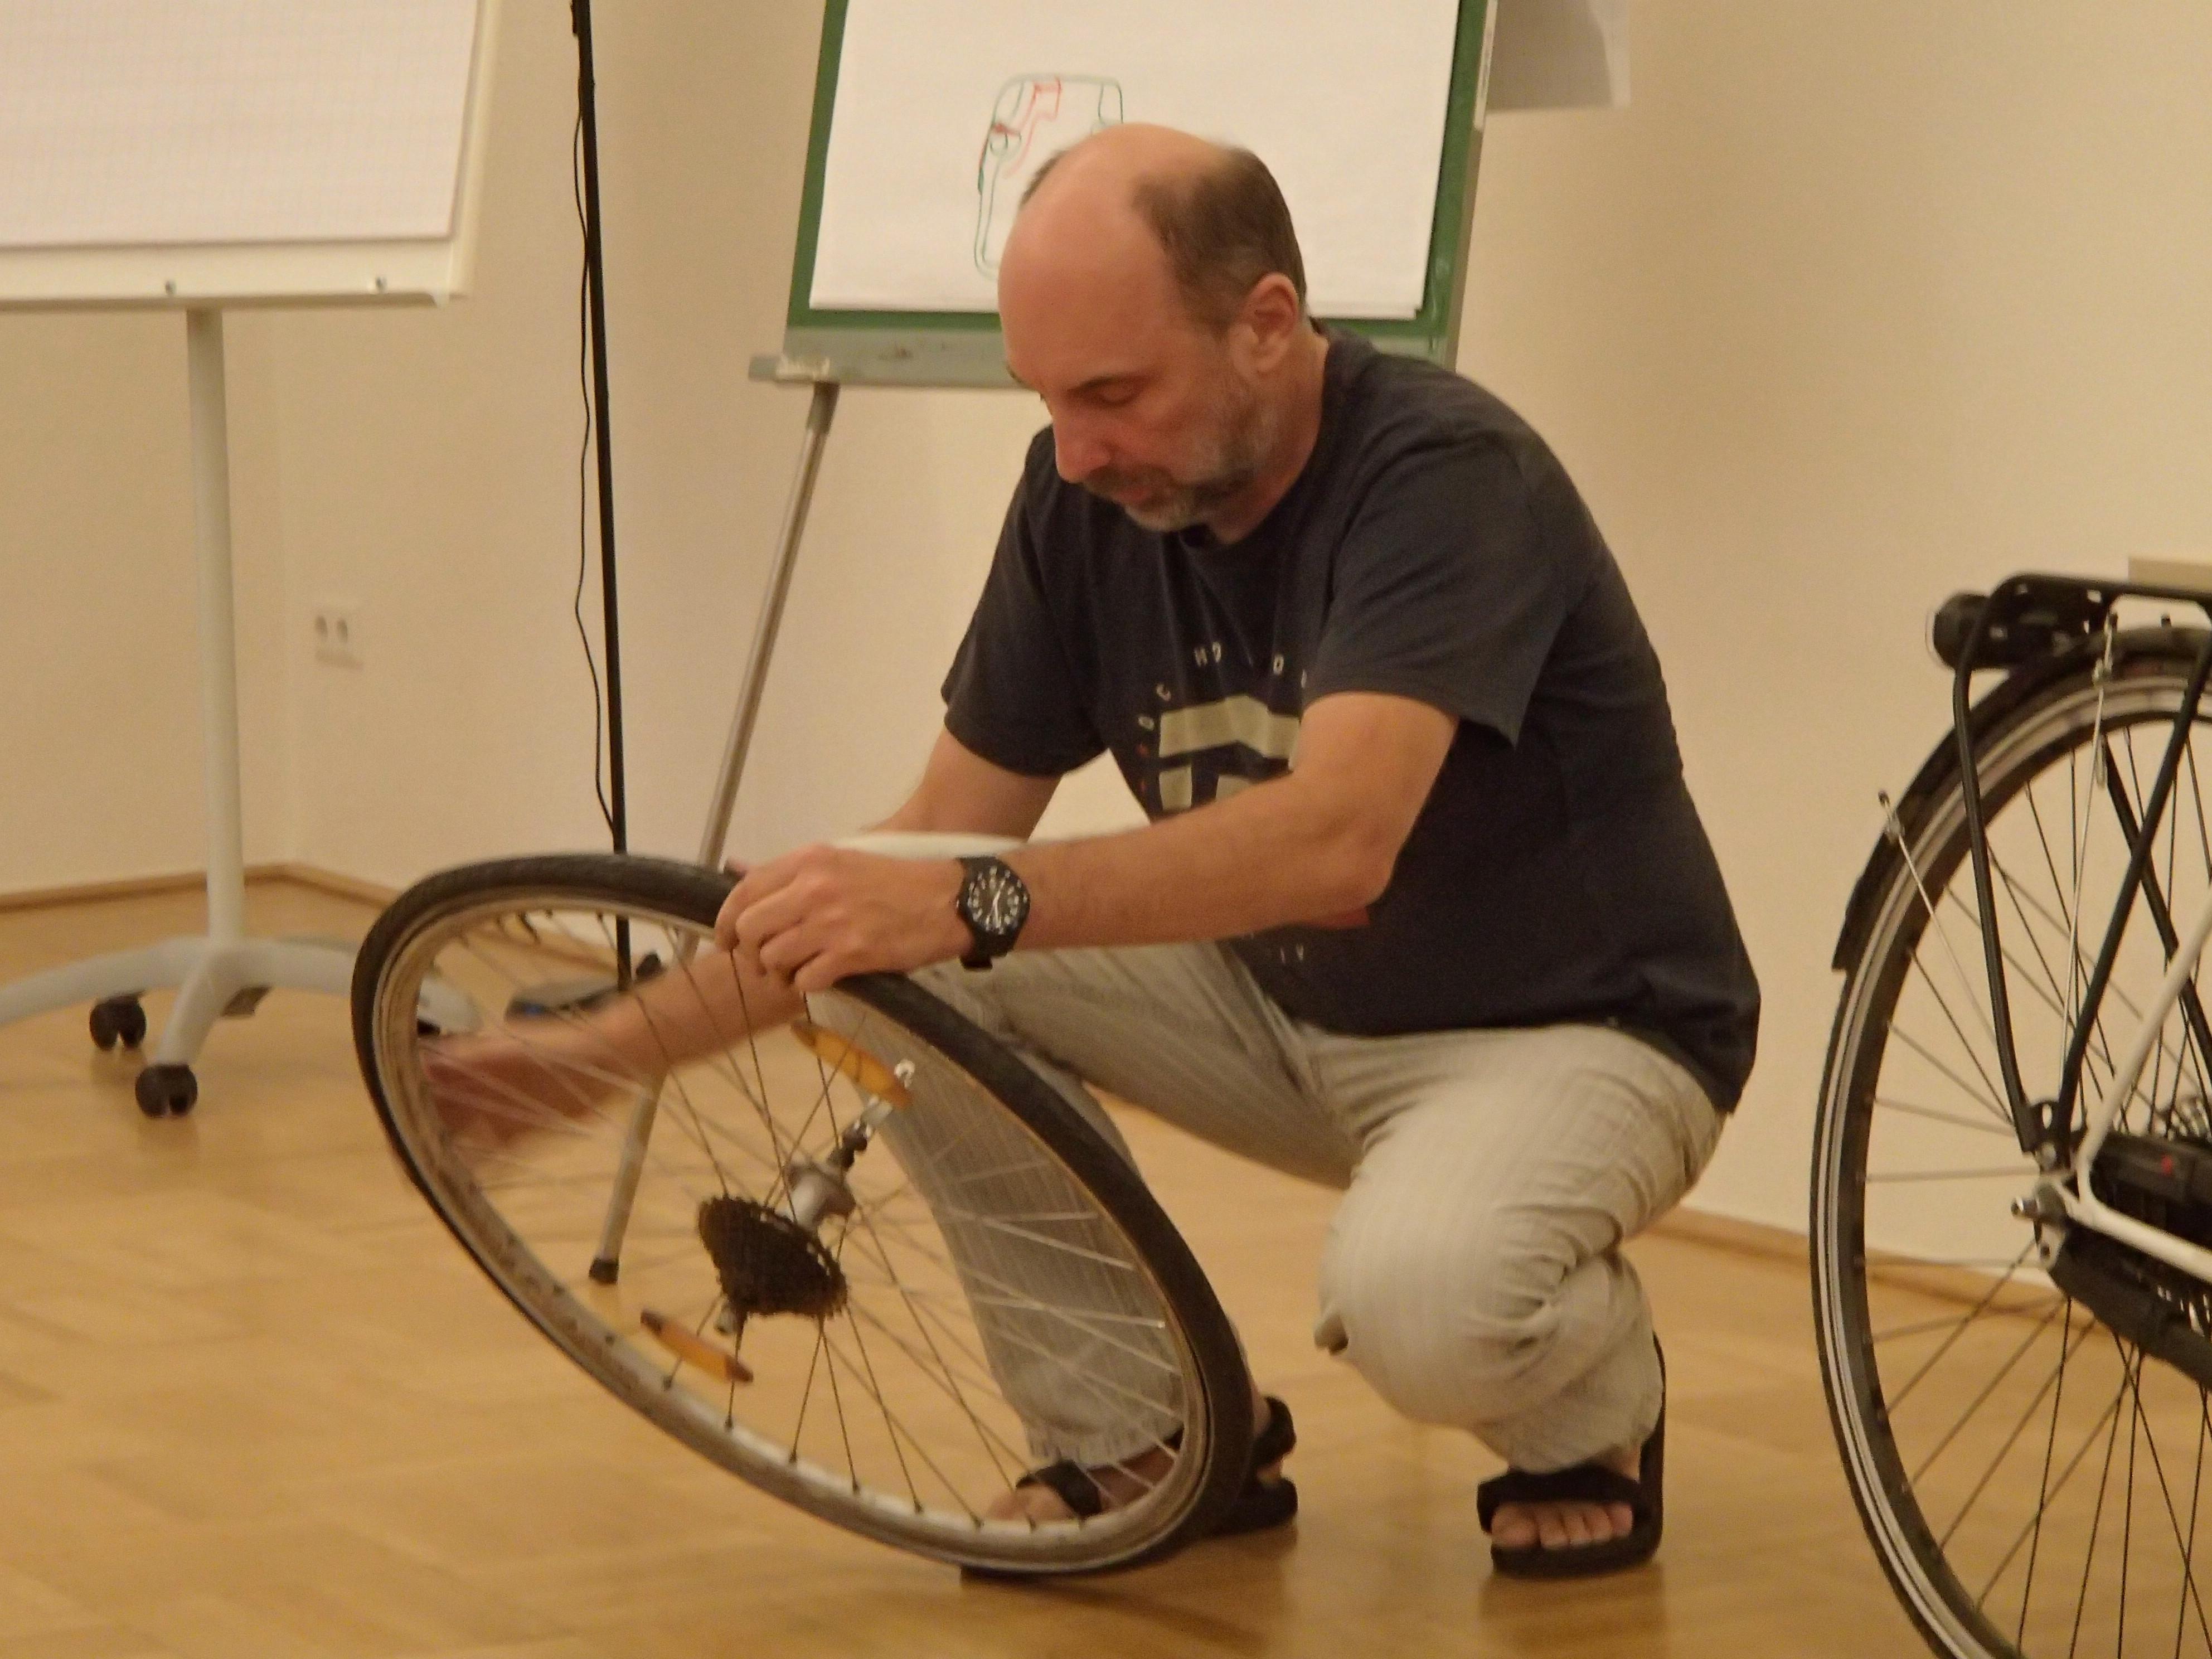 Fahrradtechnikworkshop für Alltagsradler.innen